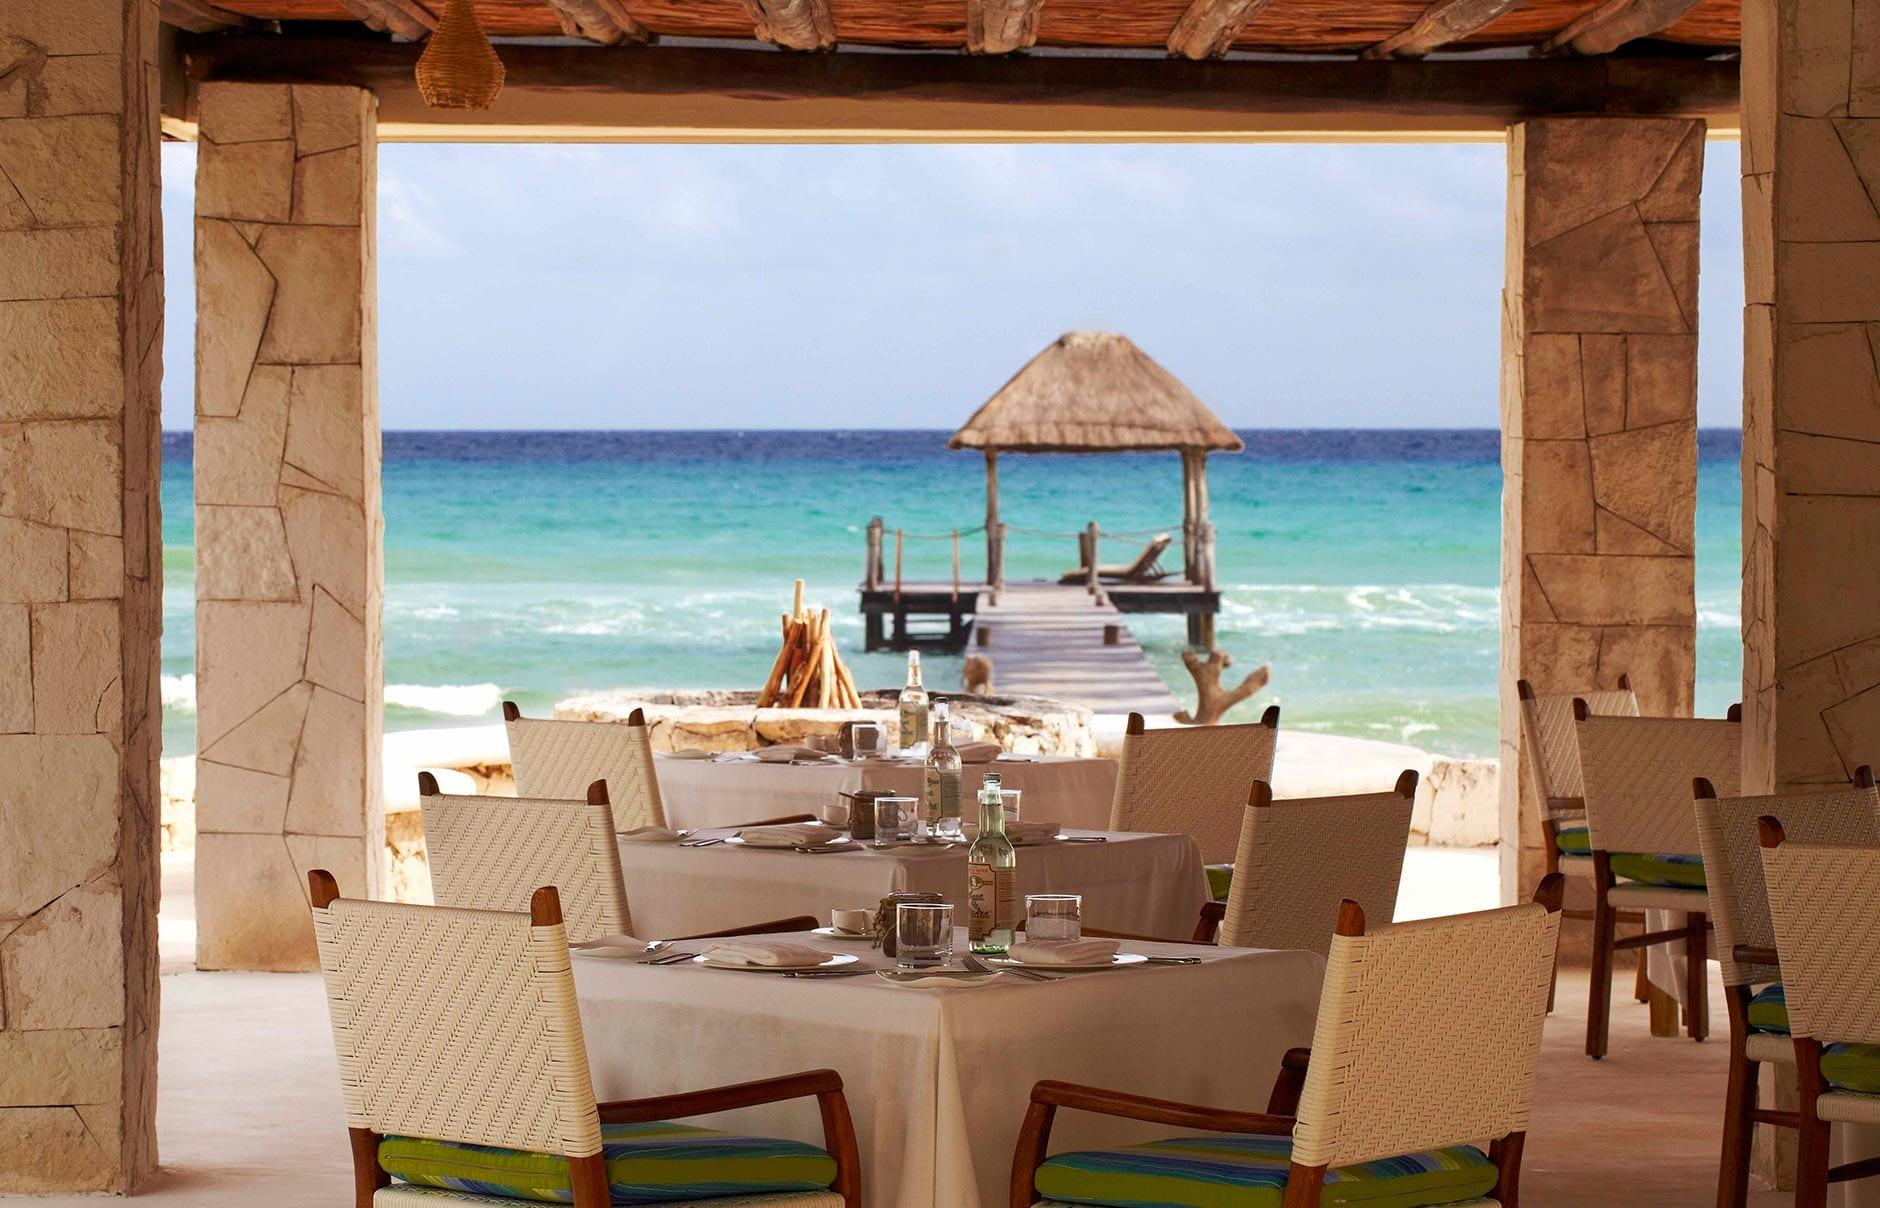 Viceroy Riviera Maya, Playa del Carmen, Mexico. © Viceroy Hotel Group